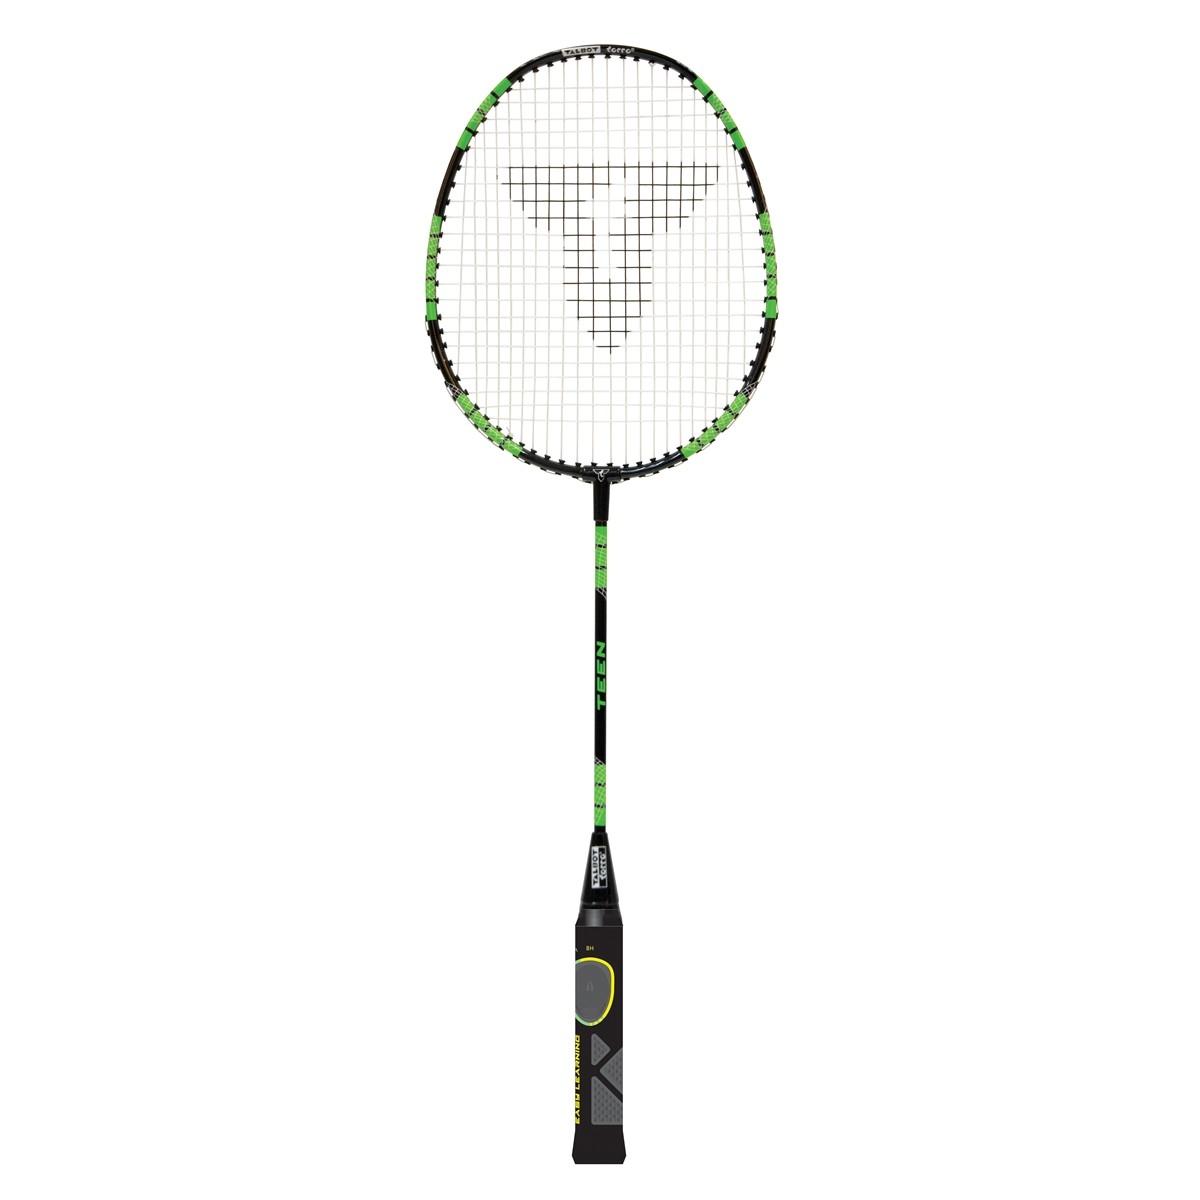 Anneau de Girp de remplacement de raquette de badminton de tennis élastique